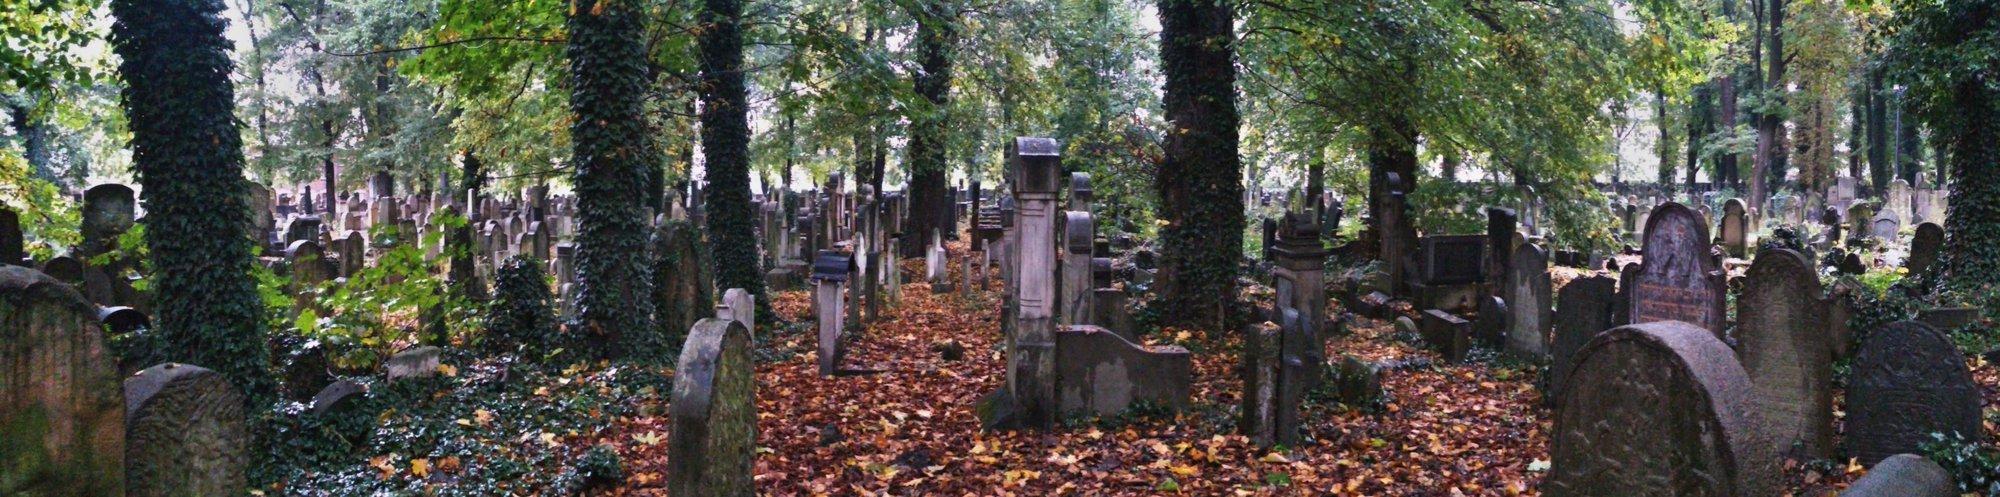 Nový židovský hřbitov